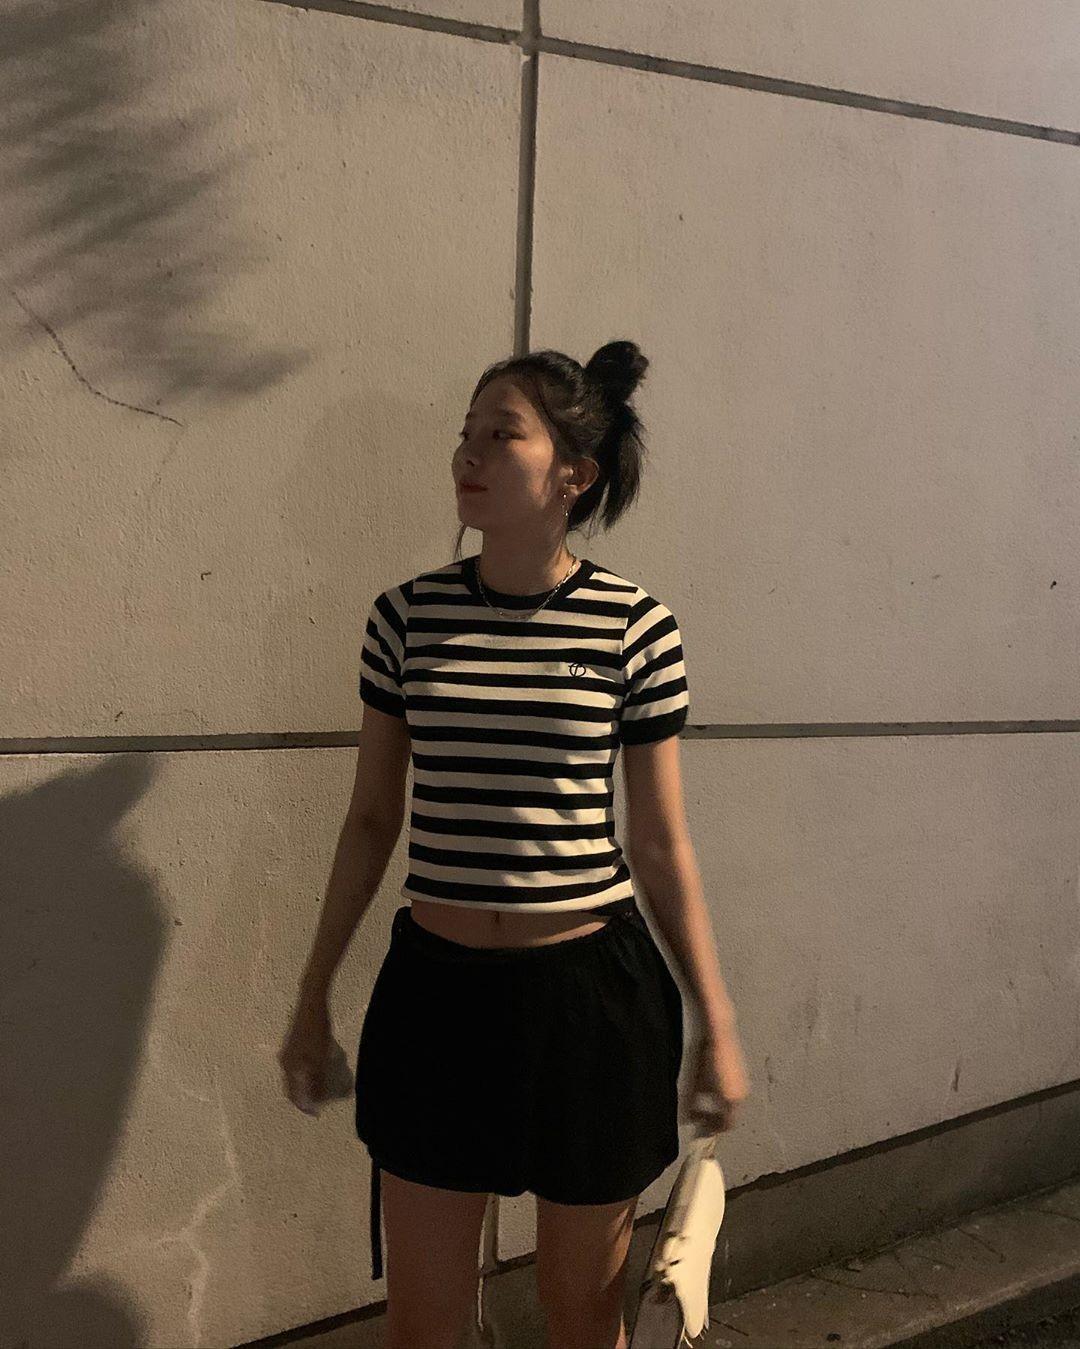 레드벨벳 슬기, 한적한 길에서 자유롭게…즐거운 밤놀이 [리포트:컷]